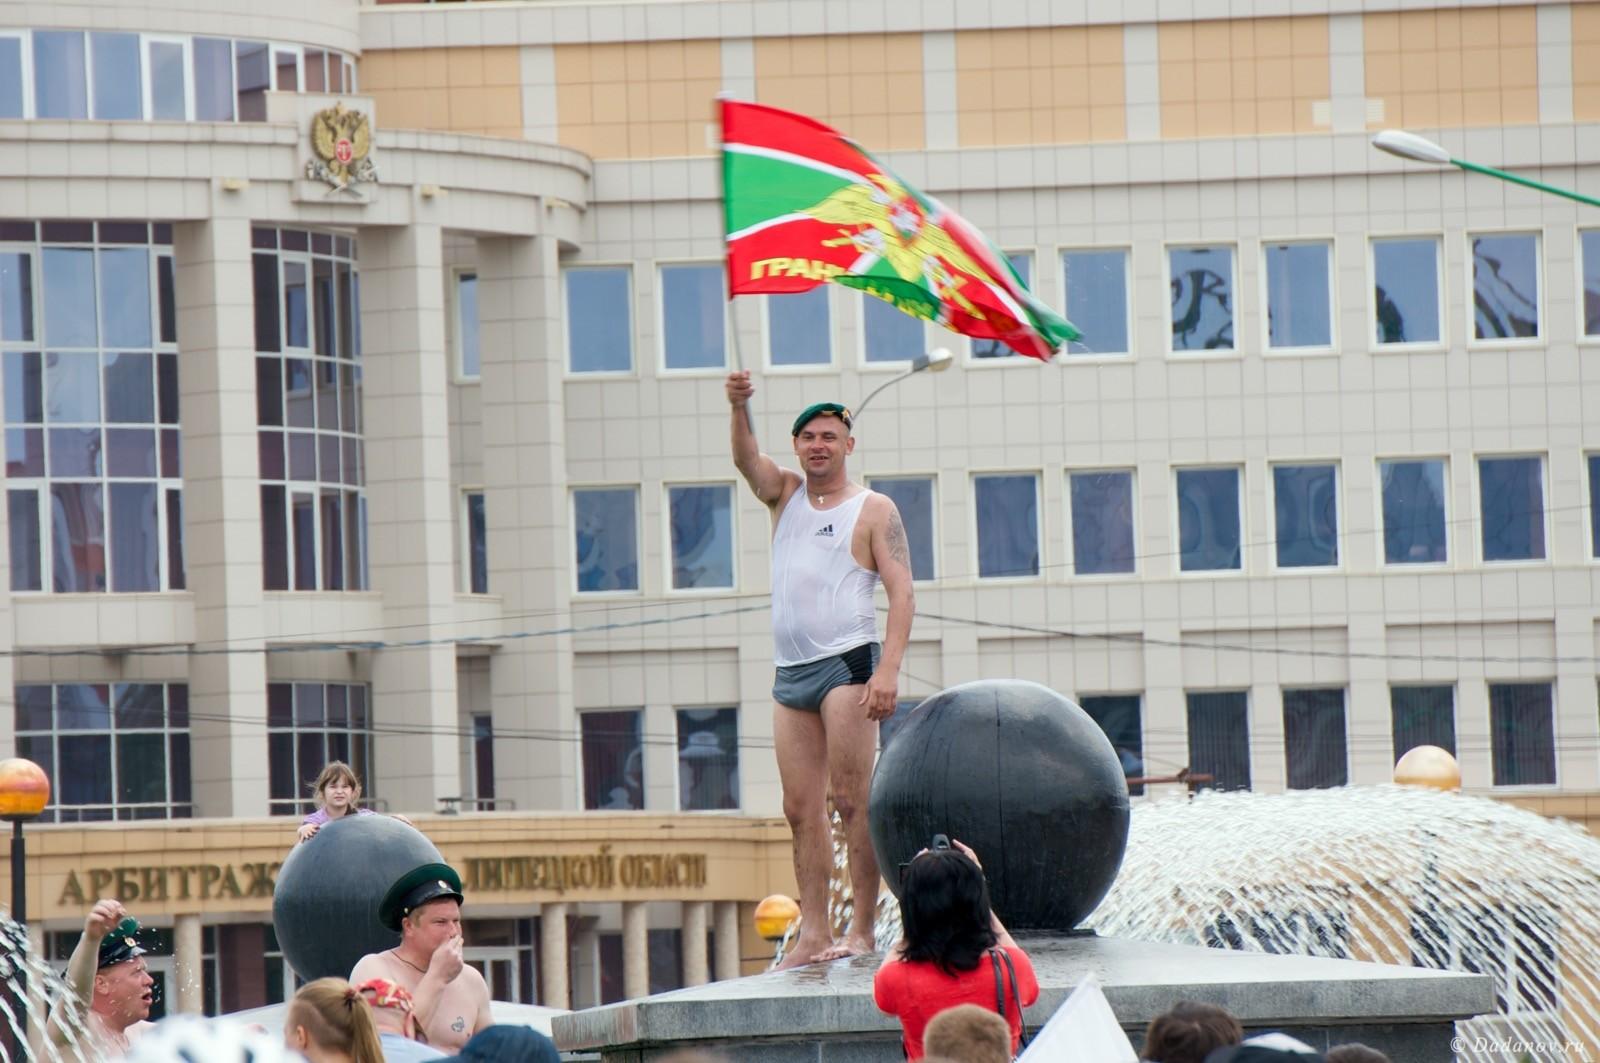 Велодень 2016 в Липецке состоялся. Фотографии с мероприятия 3084